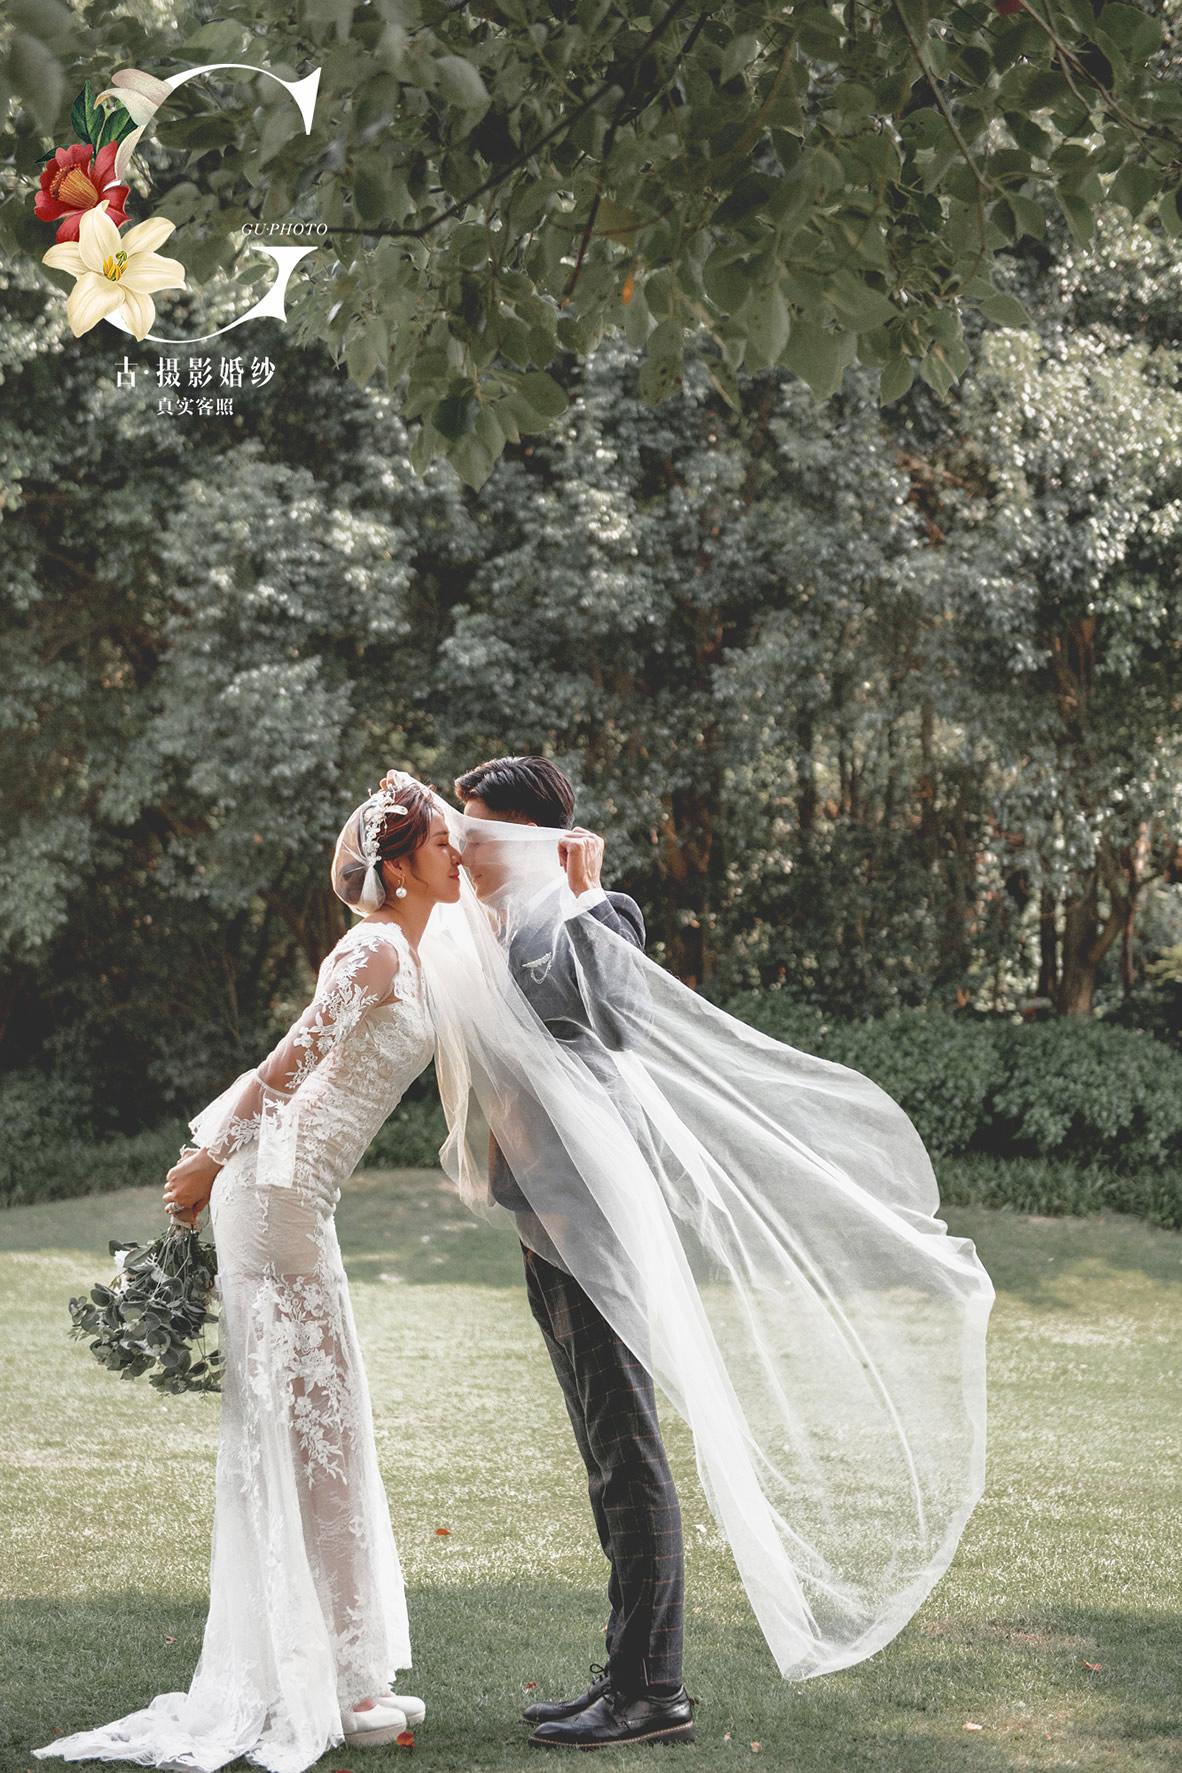 李先生 何小姐 - 每日客照 - 古摄影婚纱艺术-古摄影成都婚纱摄影艺术摄影网